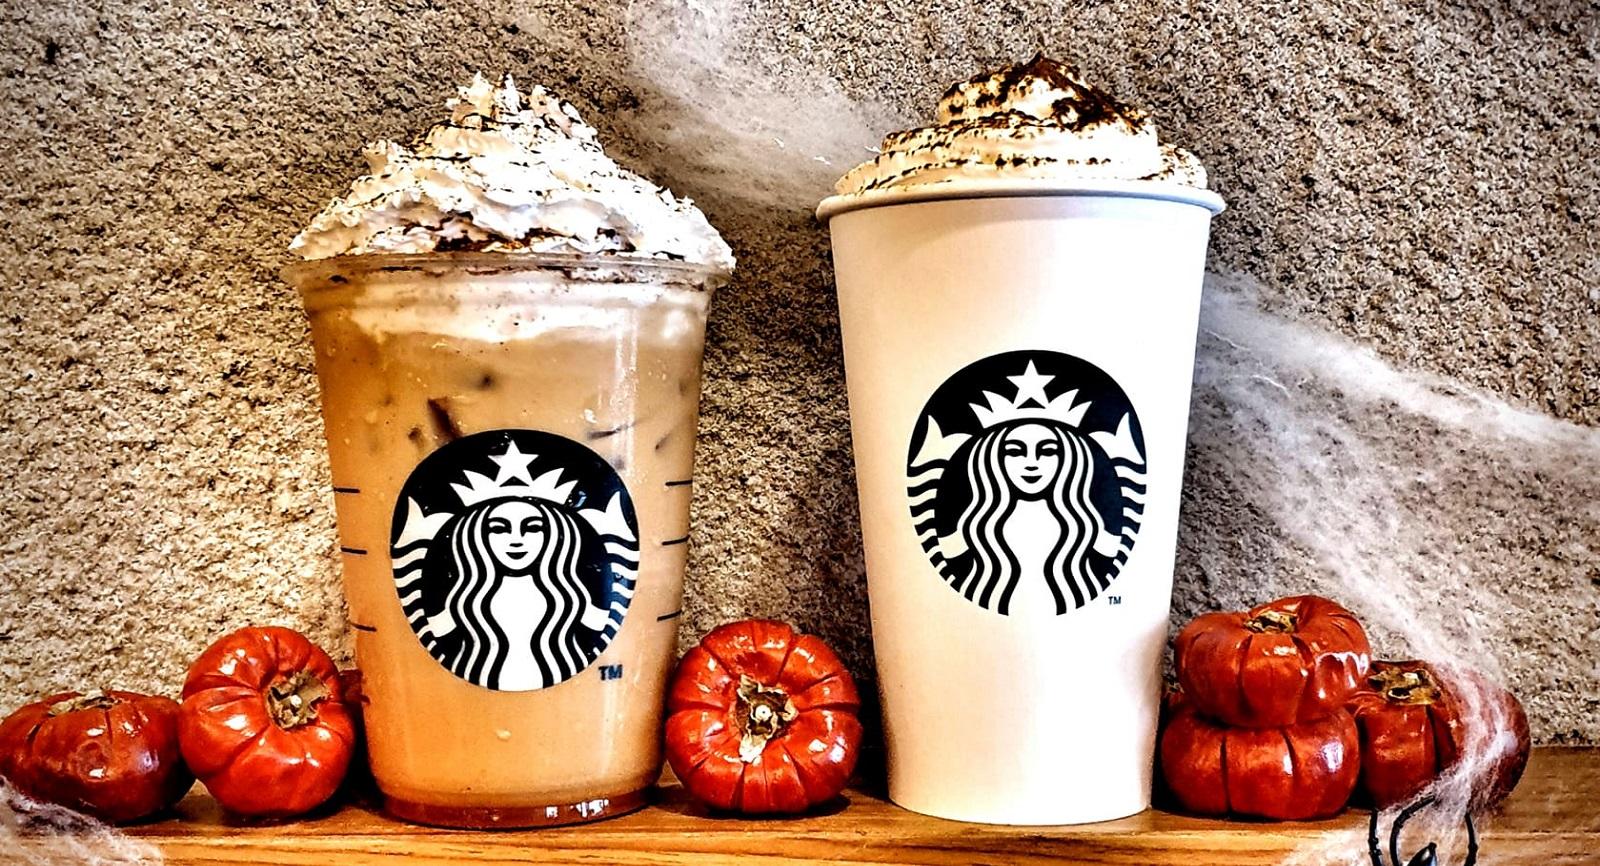 星巴克連2天限時「買一送一」歡慶萬聖 這幾家咖啡近期也有優惠